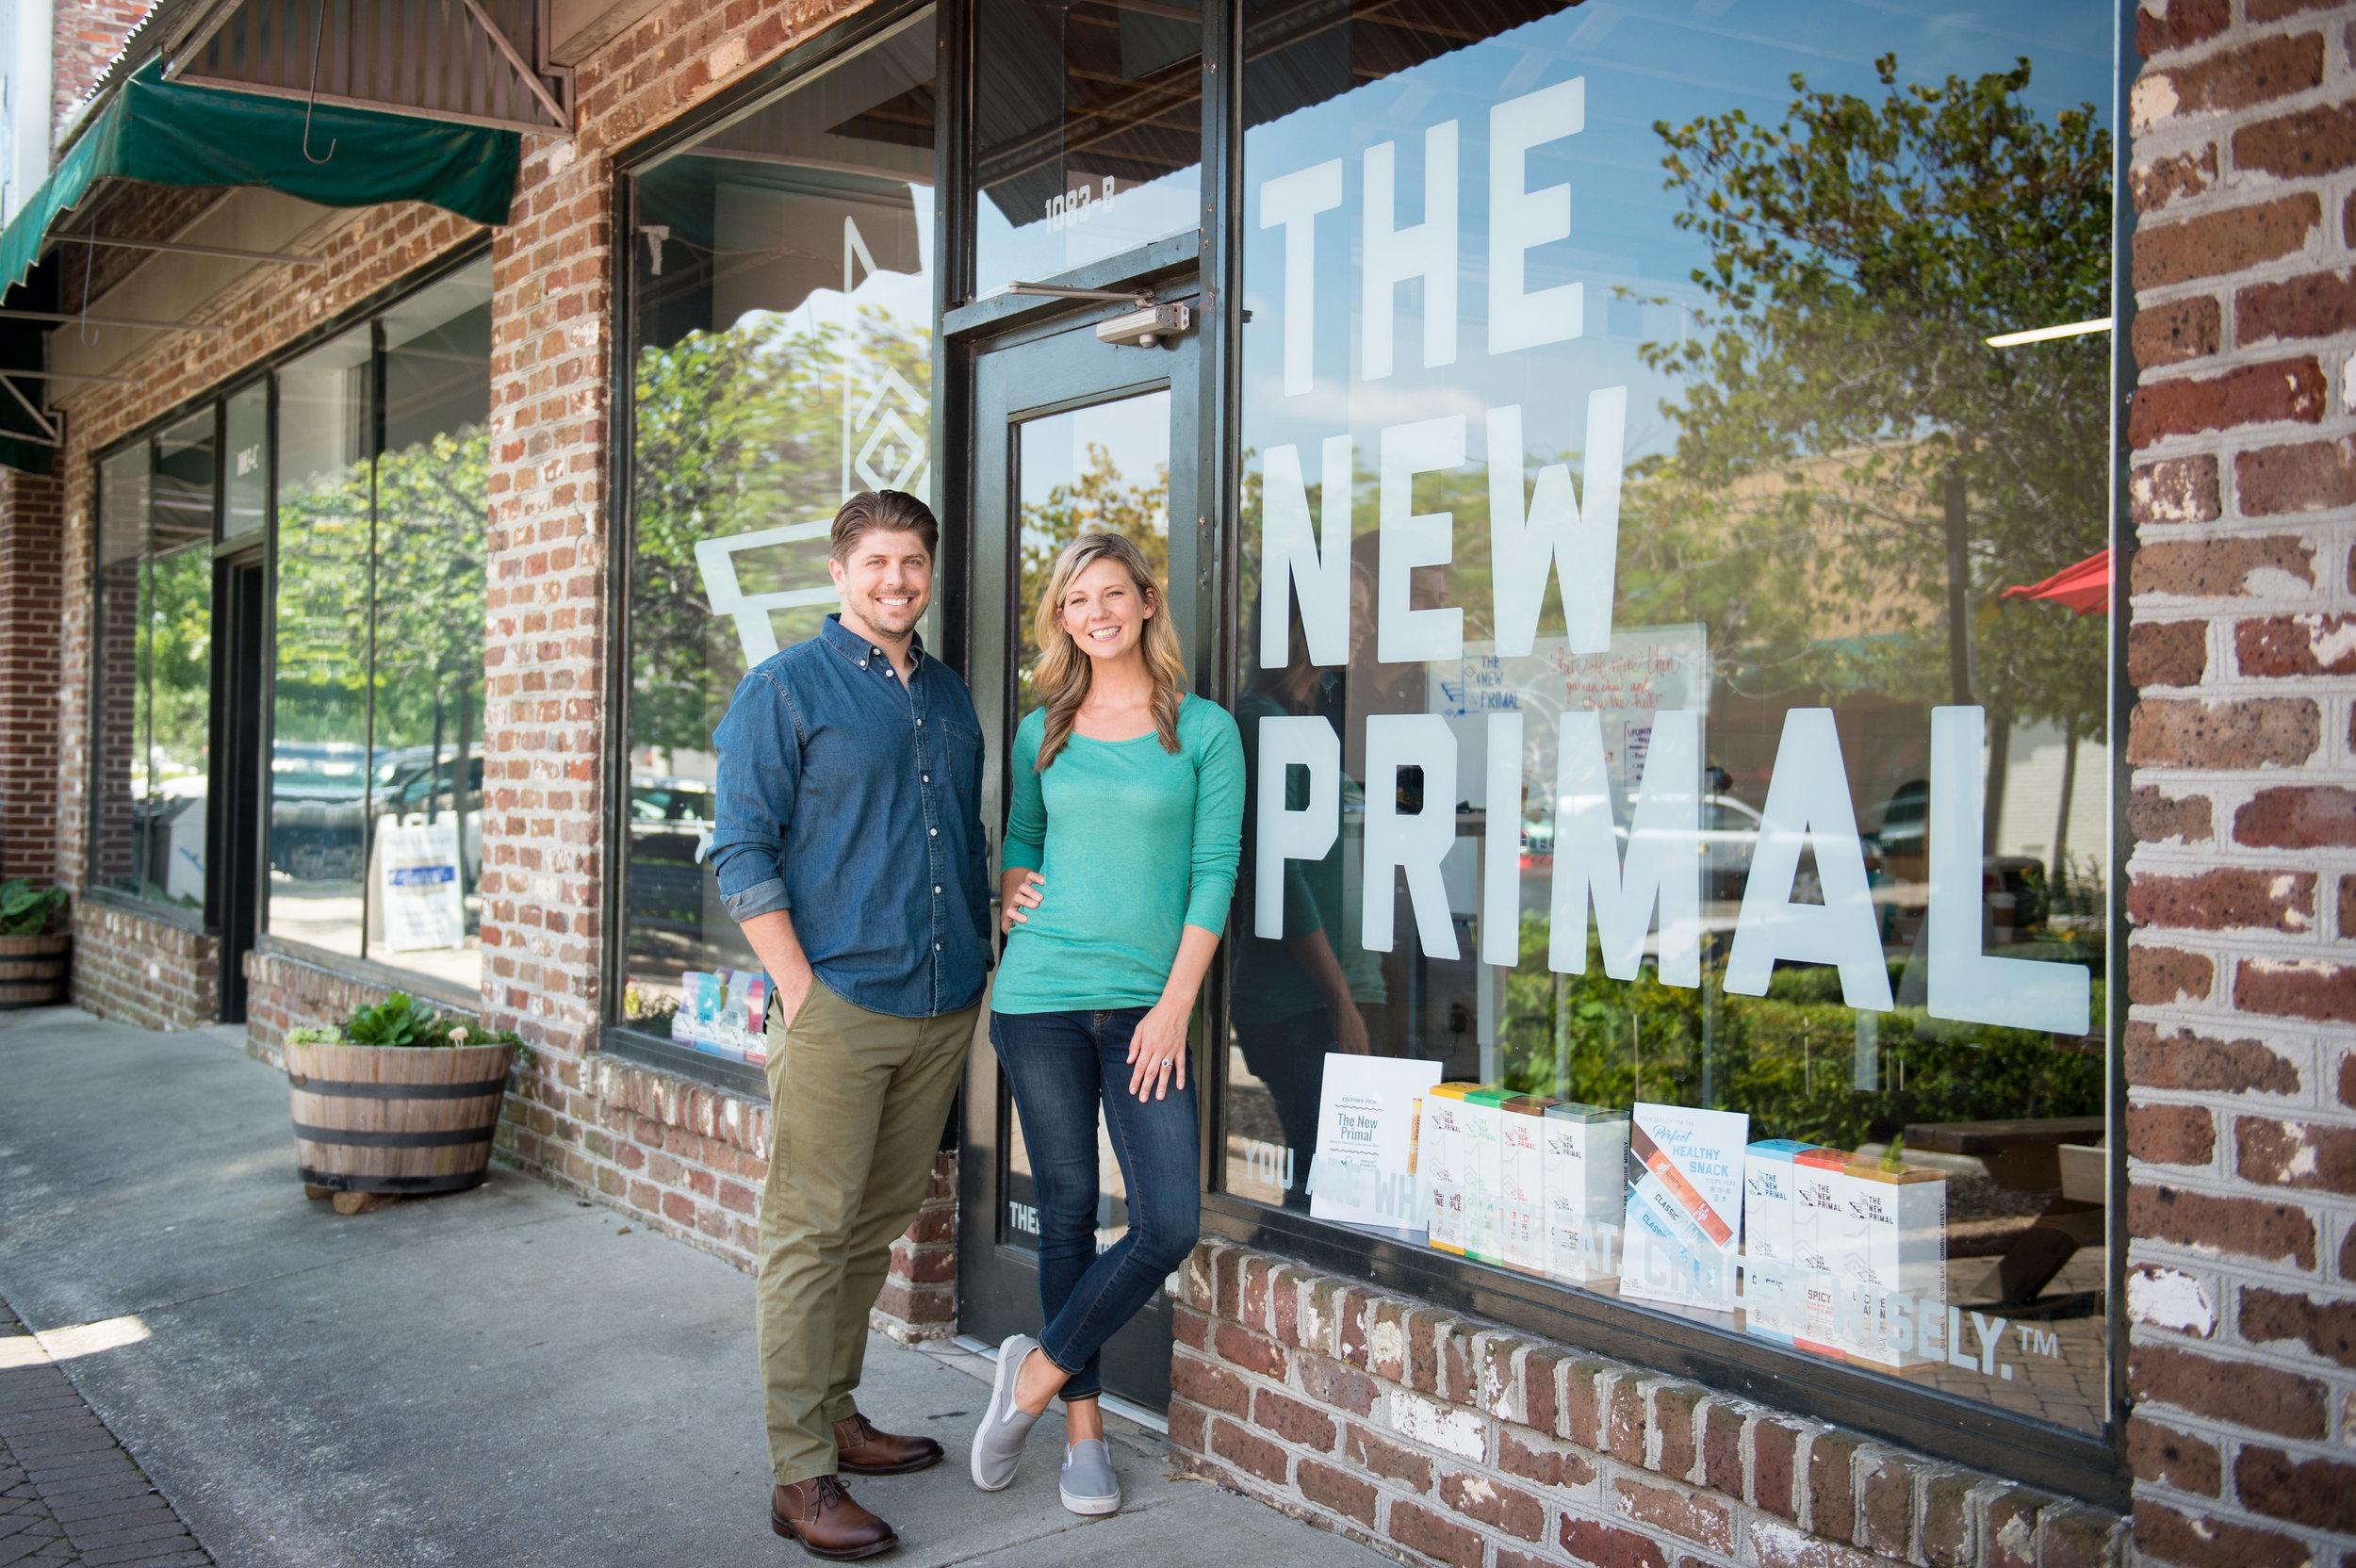 Melissa Miller & Jason Burke of The New Primal